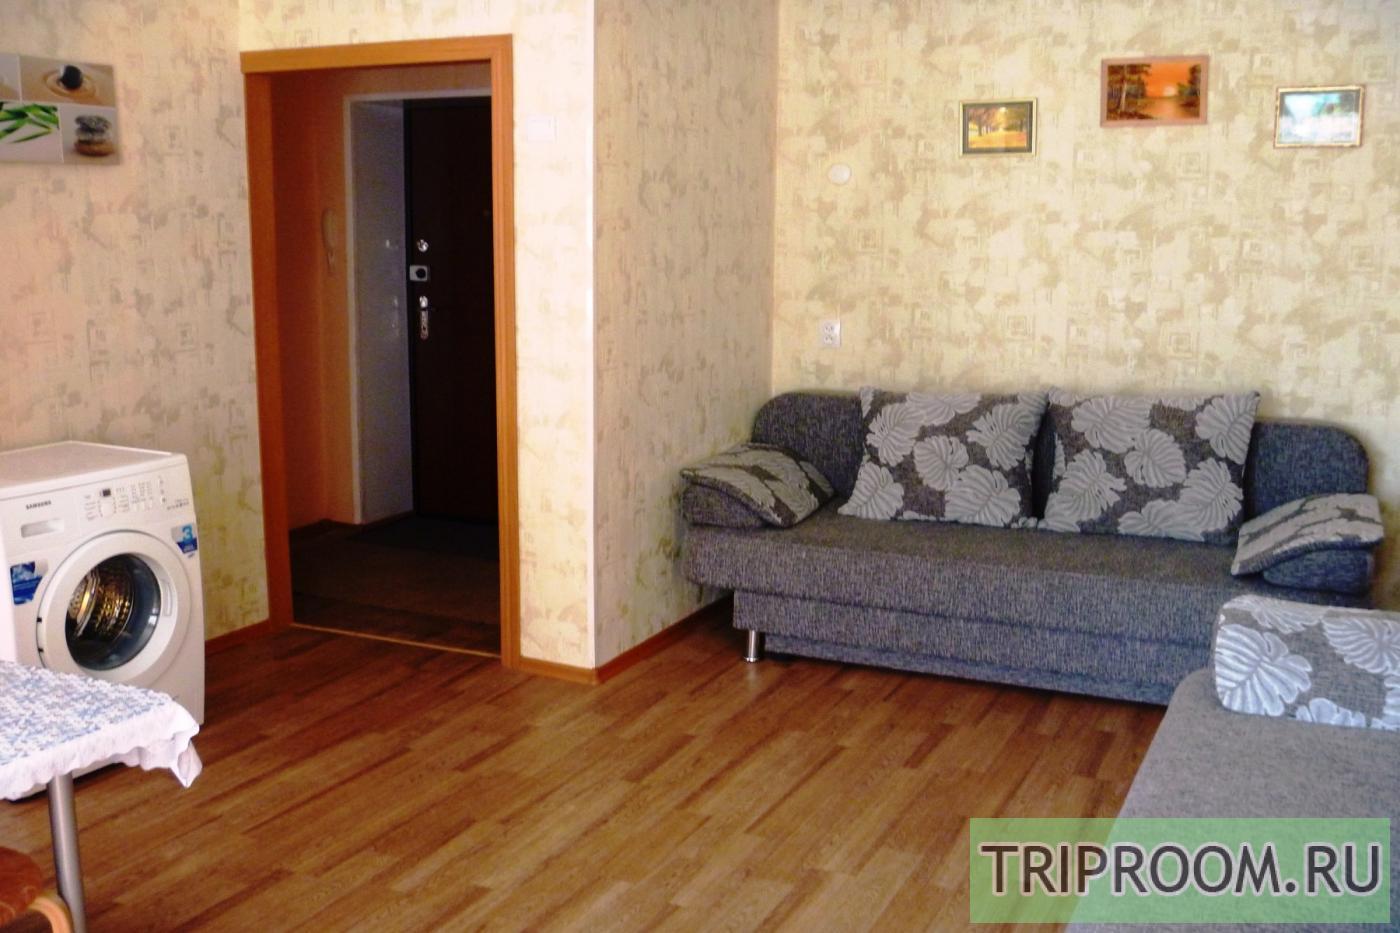 2-комнатная квартира посуточно (вариант № 33544), ул. Плехановская улица, фото № 1